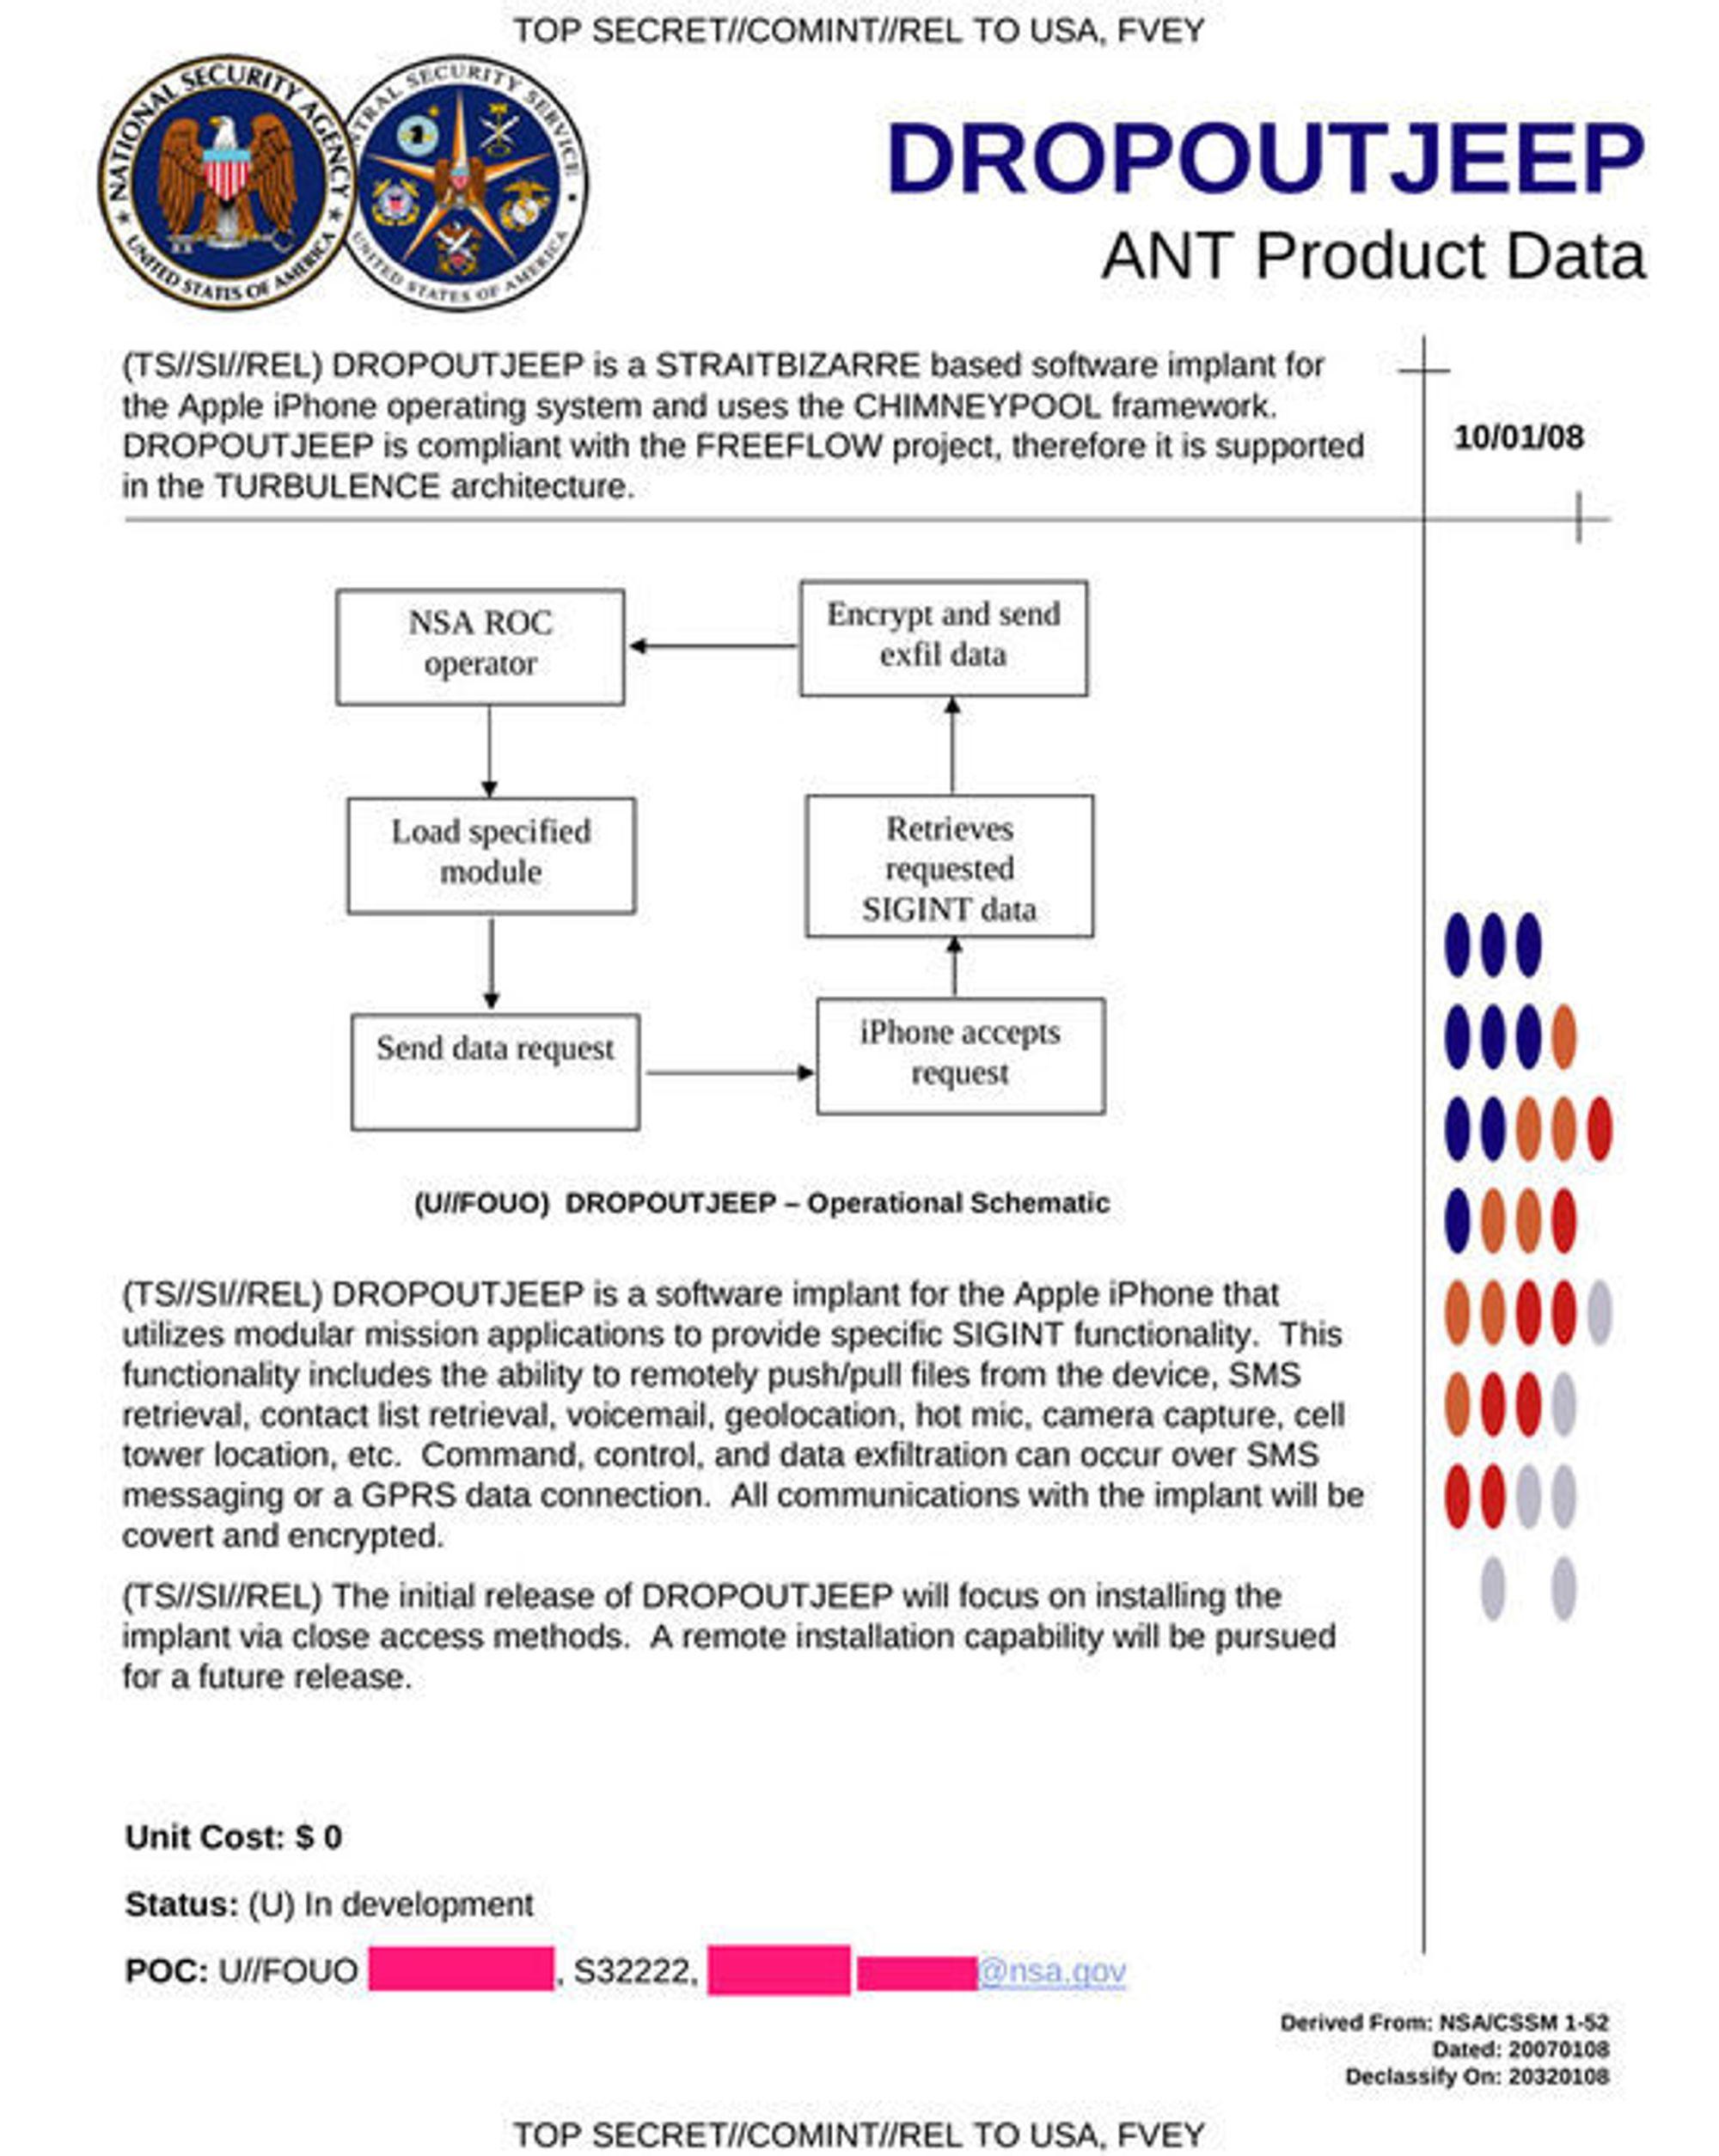 NSA-dokumentet beskriver en modulbasert «software implant» for iPhone som tok full kontroll med mobiltelefonen. I 2008 krevde det fysisk adgang til enheten for å installere skadevaren.